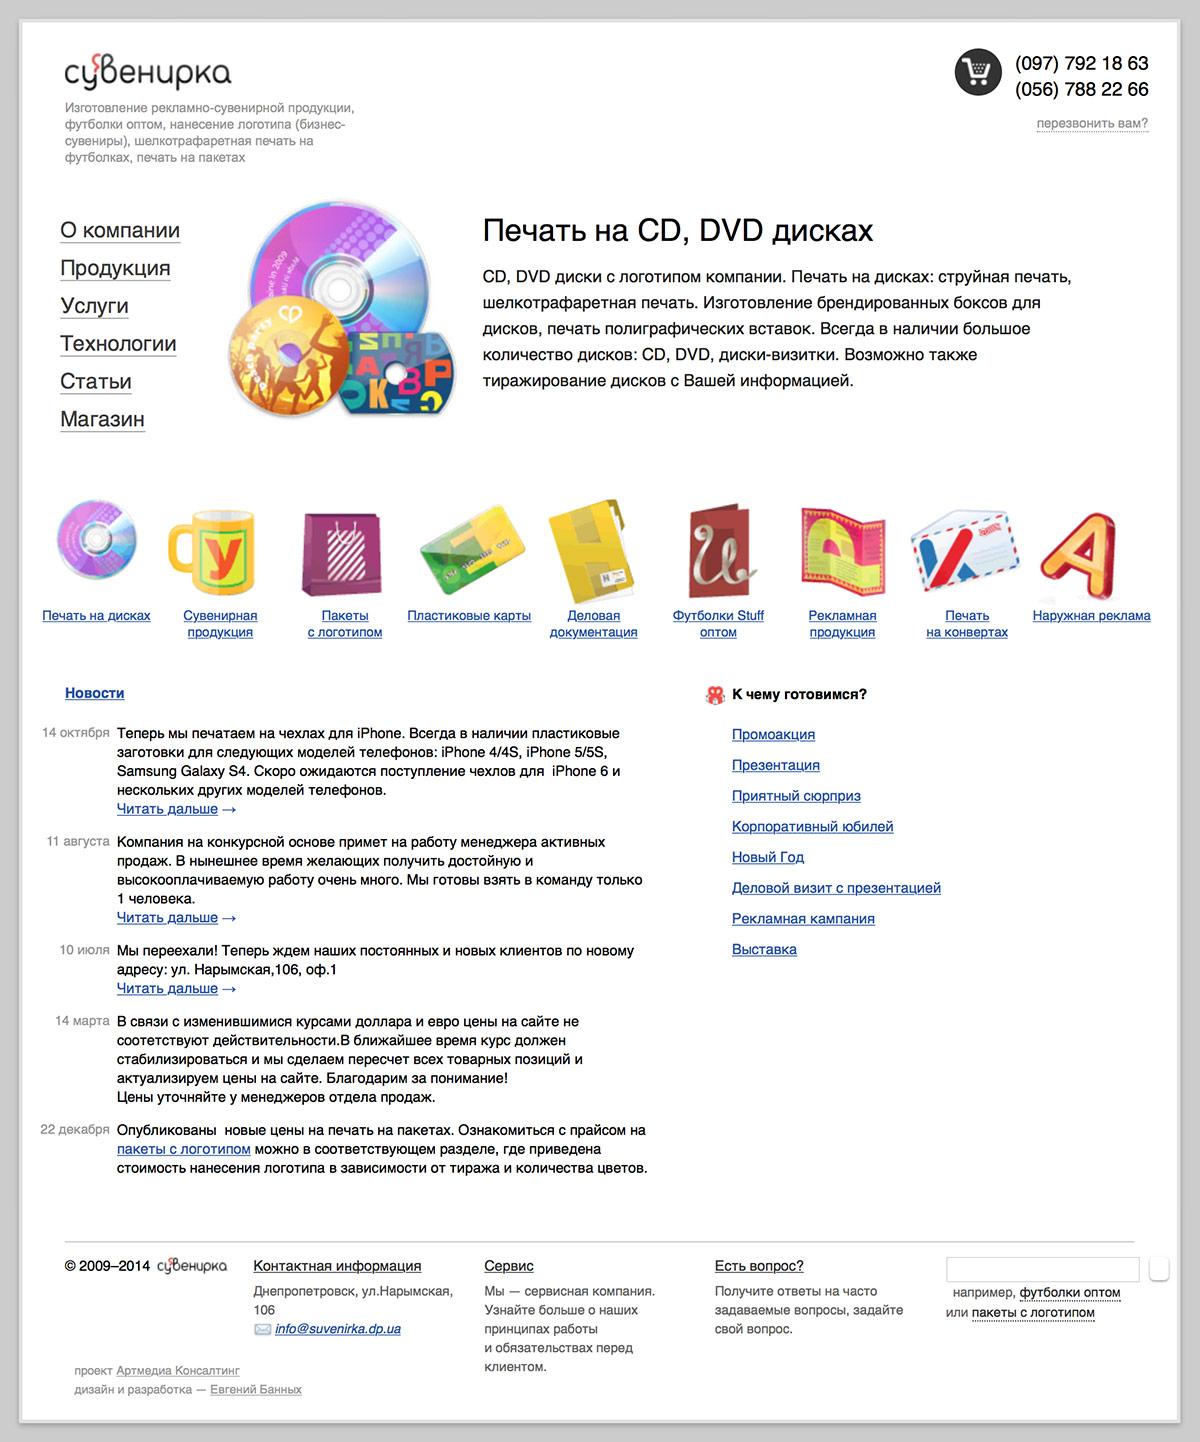 Главная страница сайта suvenirka.dp.ua